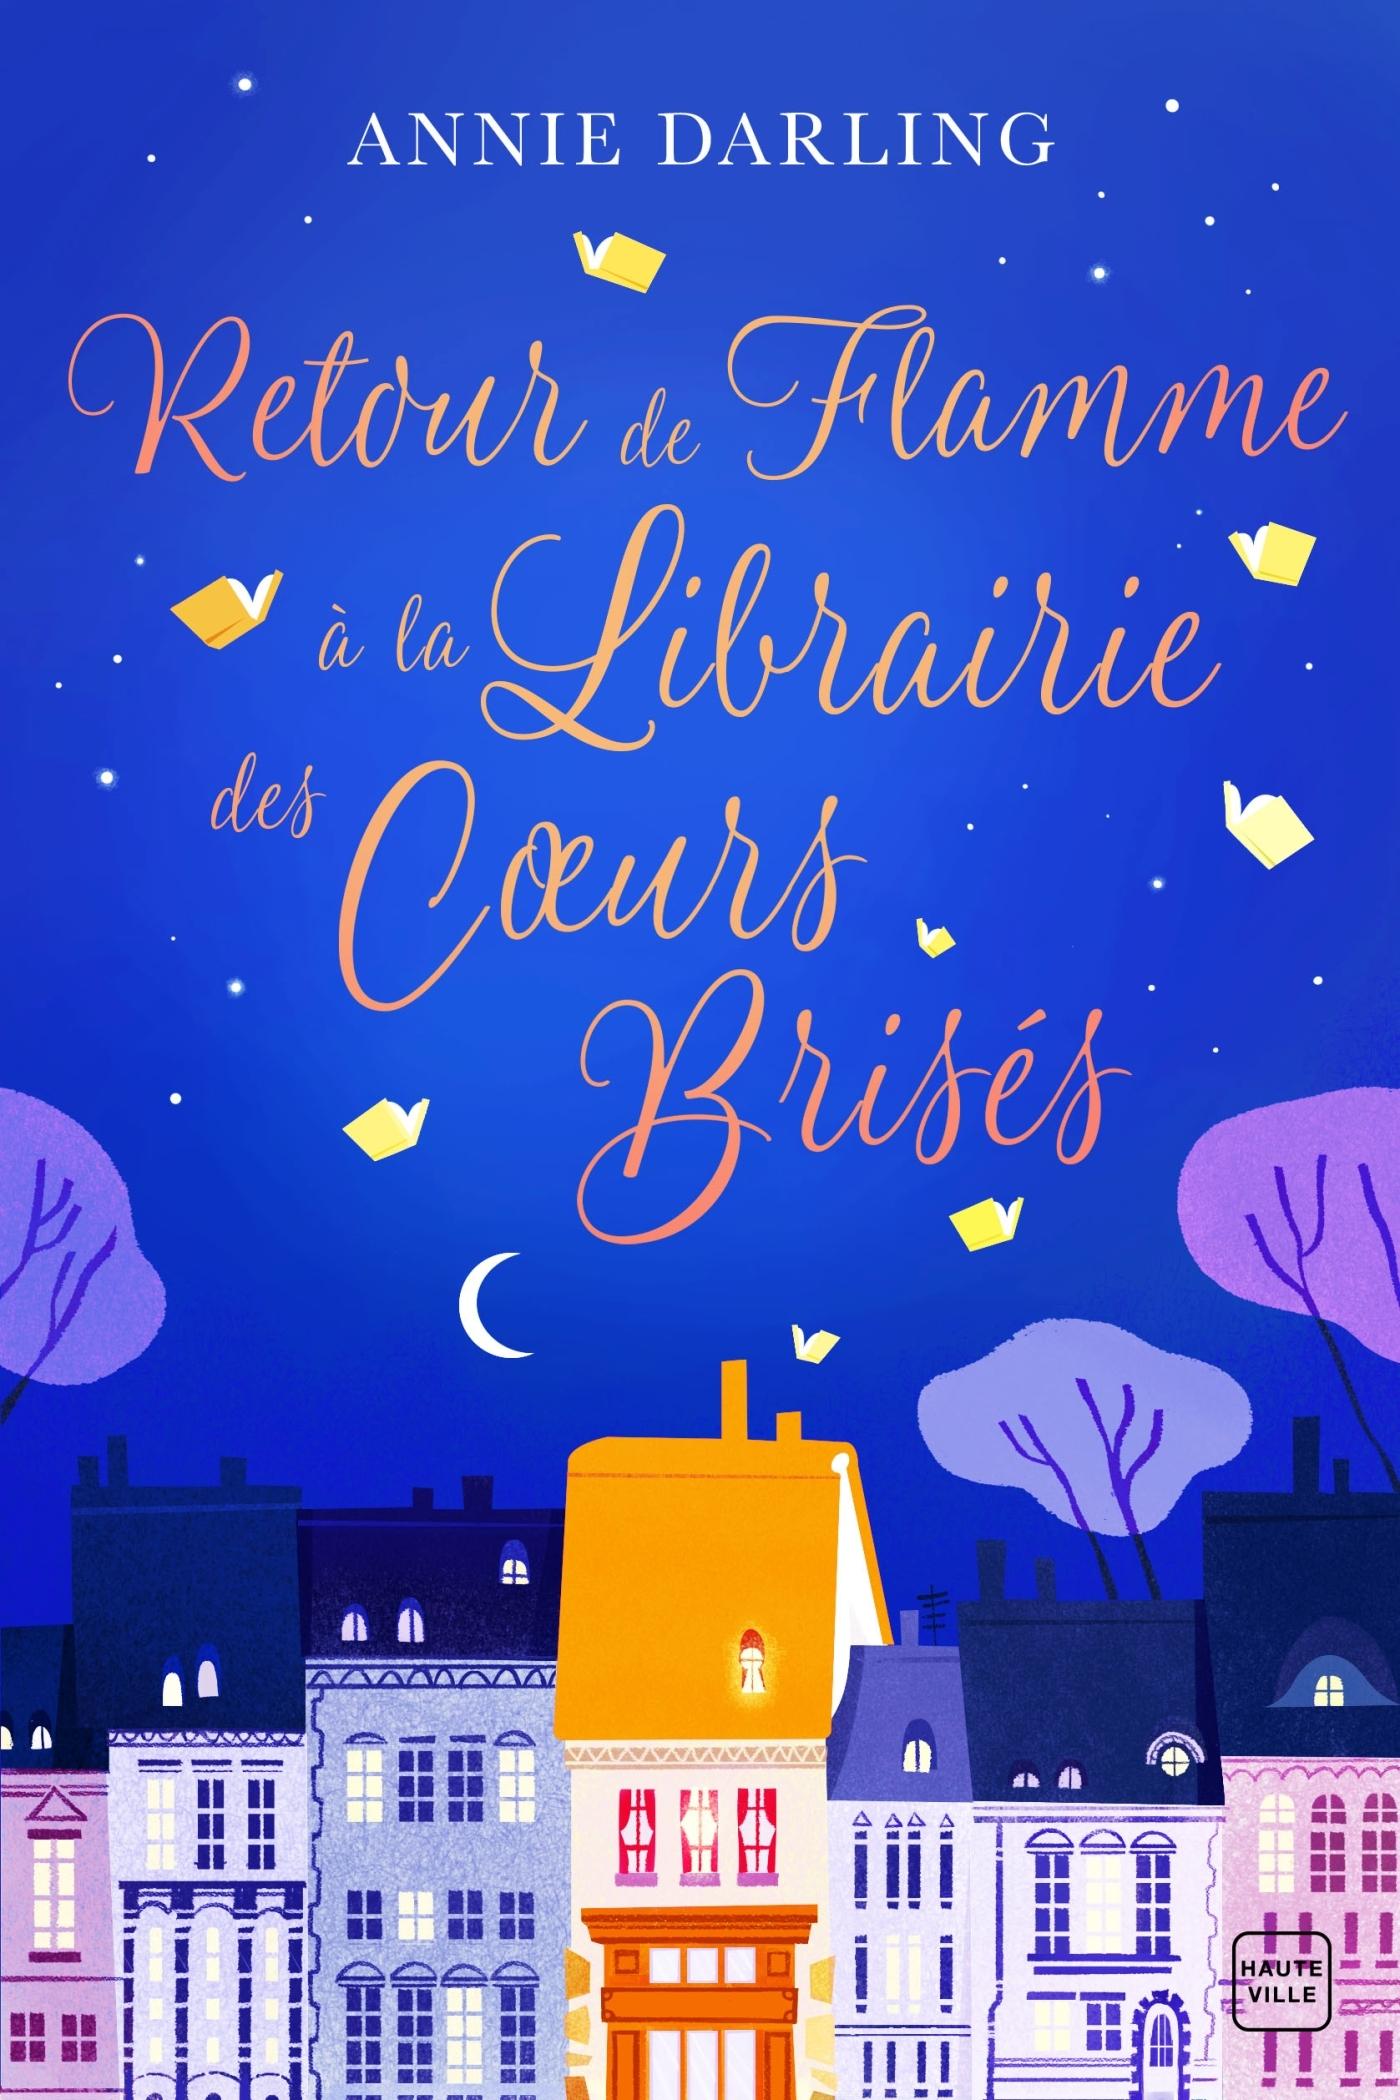 RETOUR DE FLAMME A LA LIBRAIRIE DES COEURS BRISES